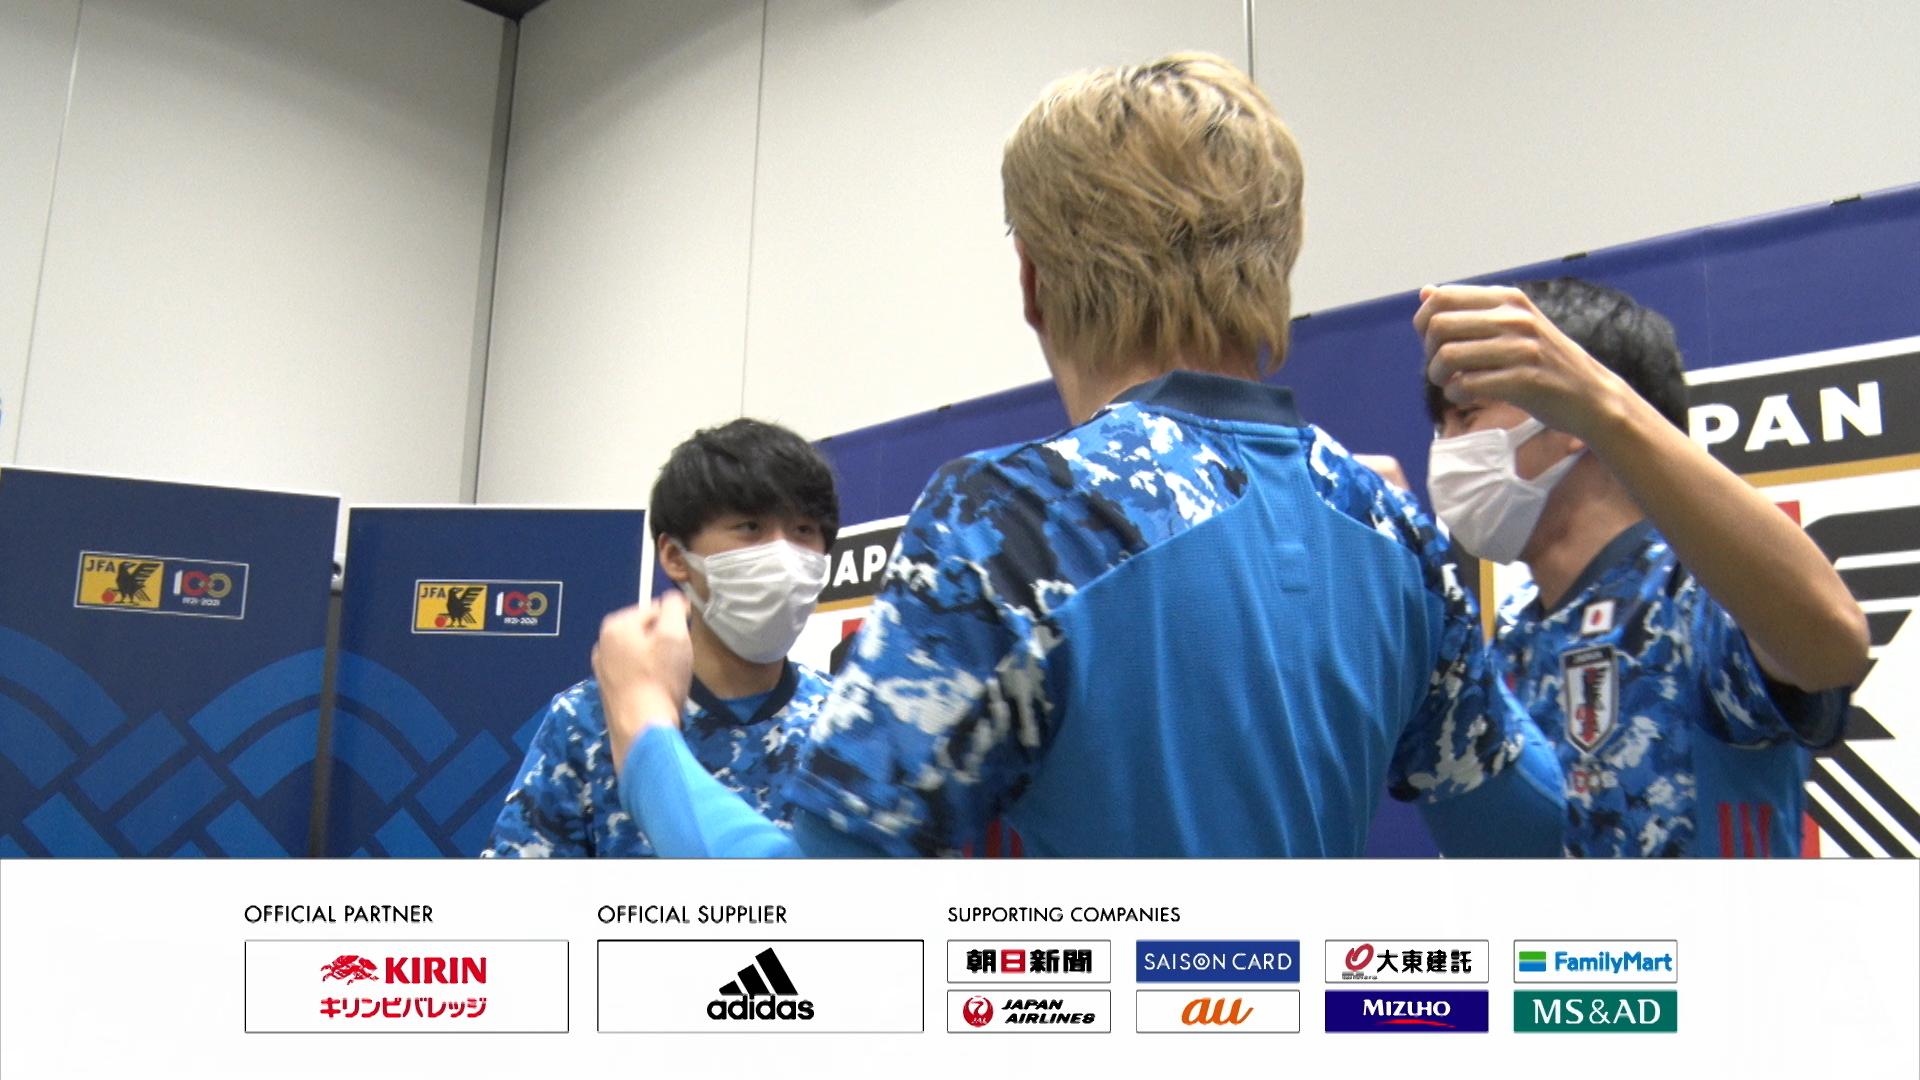 インドネシアに快勝したe日本代表、アジア・オセアニア王者として8月のNations Cupに挑む